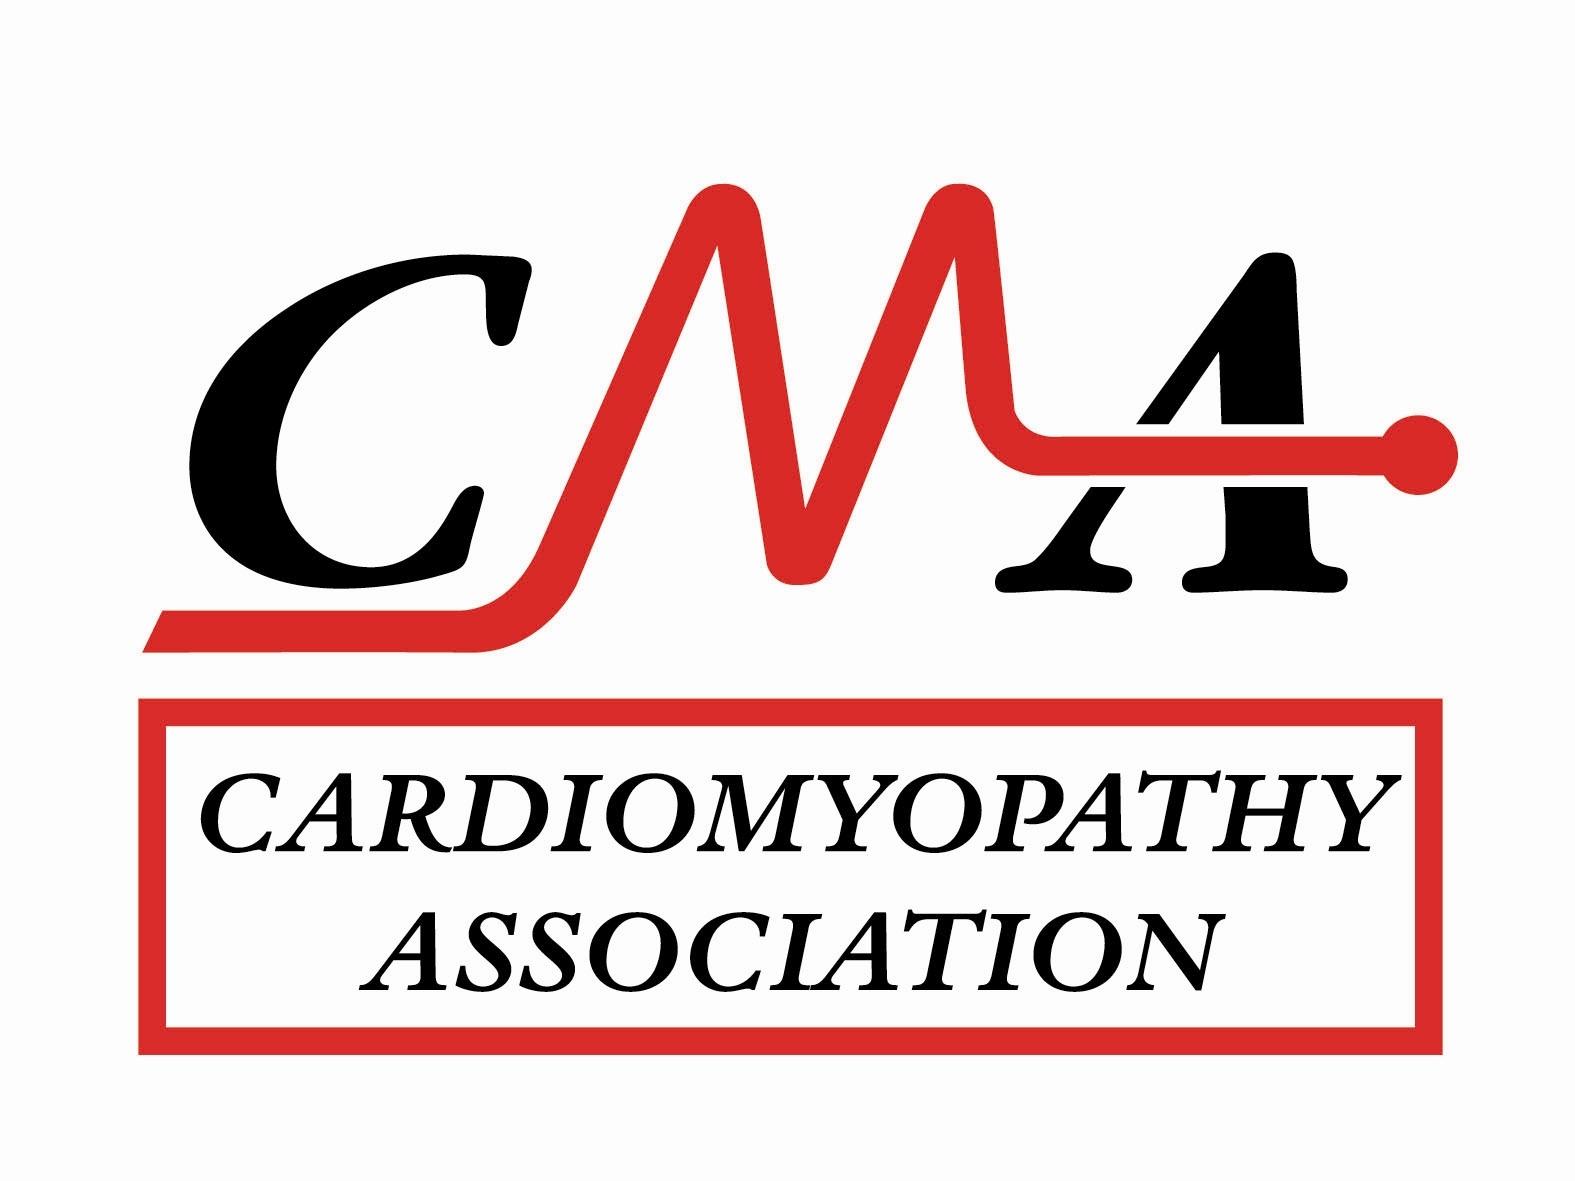 Cardiomyopathy Association